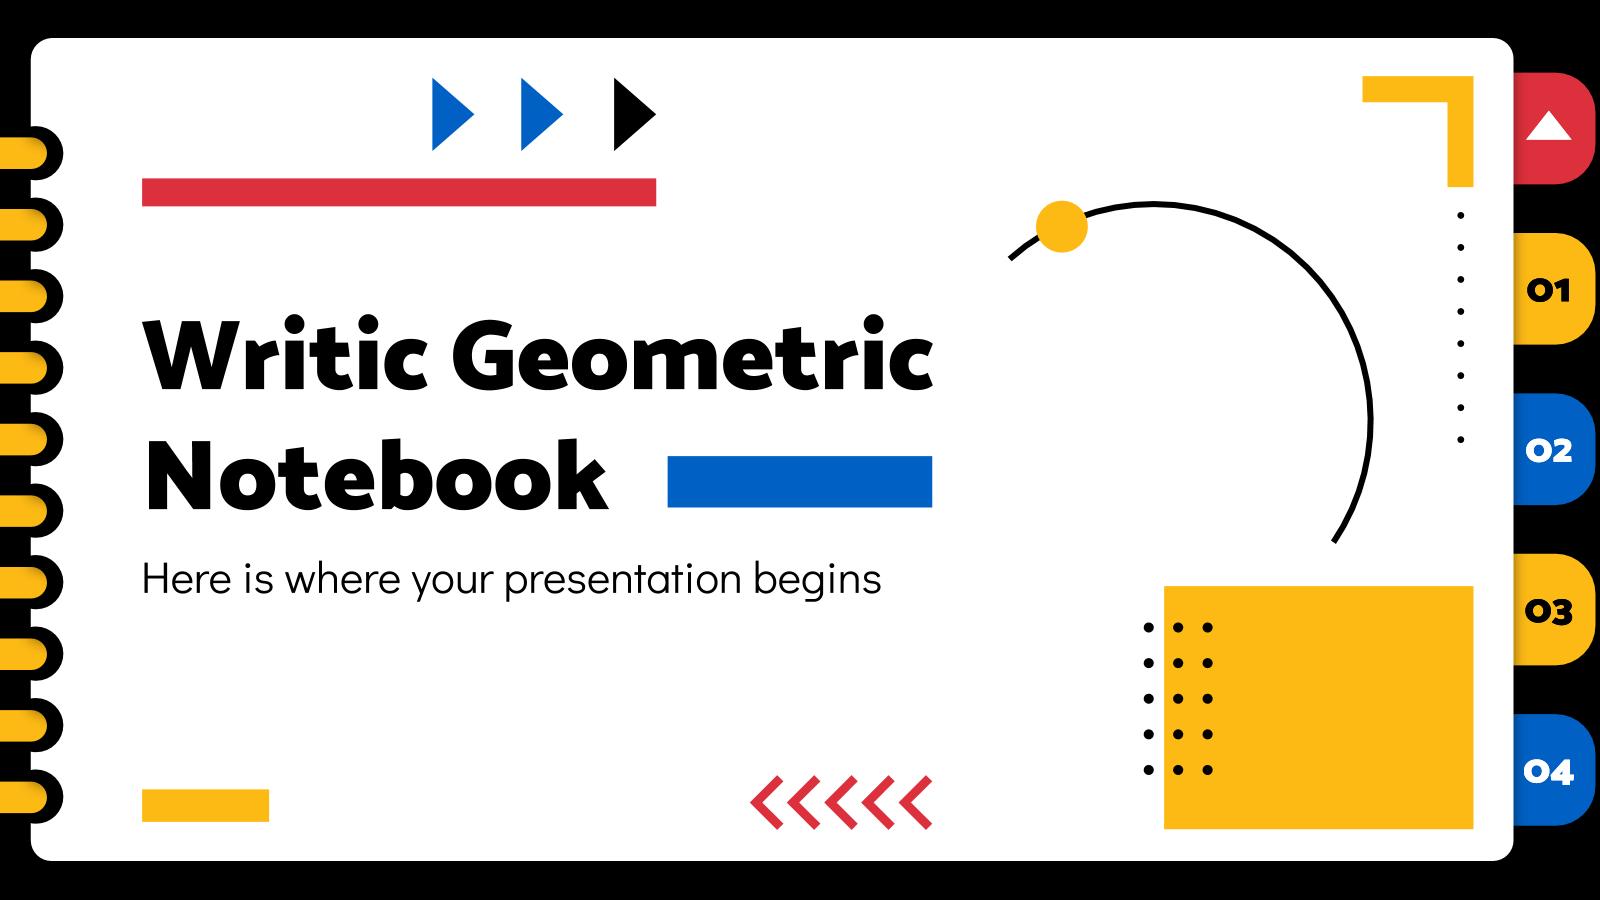 Plantilla de presentación Cuaderno geométrico Writic